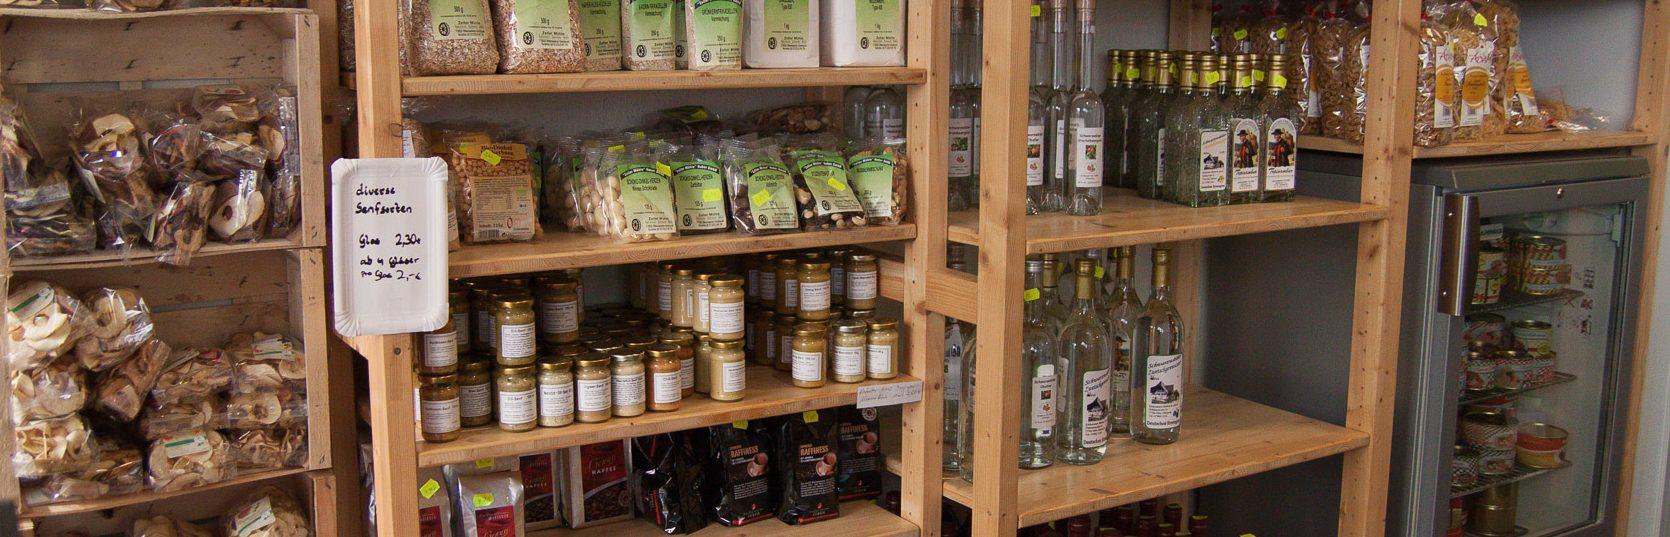 In unserem Bauernladen in Offenburg finden Sie regionale und saisonale Ware aus eigener Herstellung von von mehr als zehn weiteren Partnern.